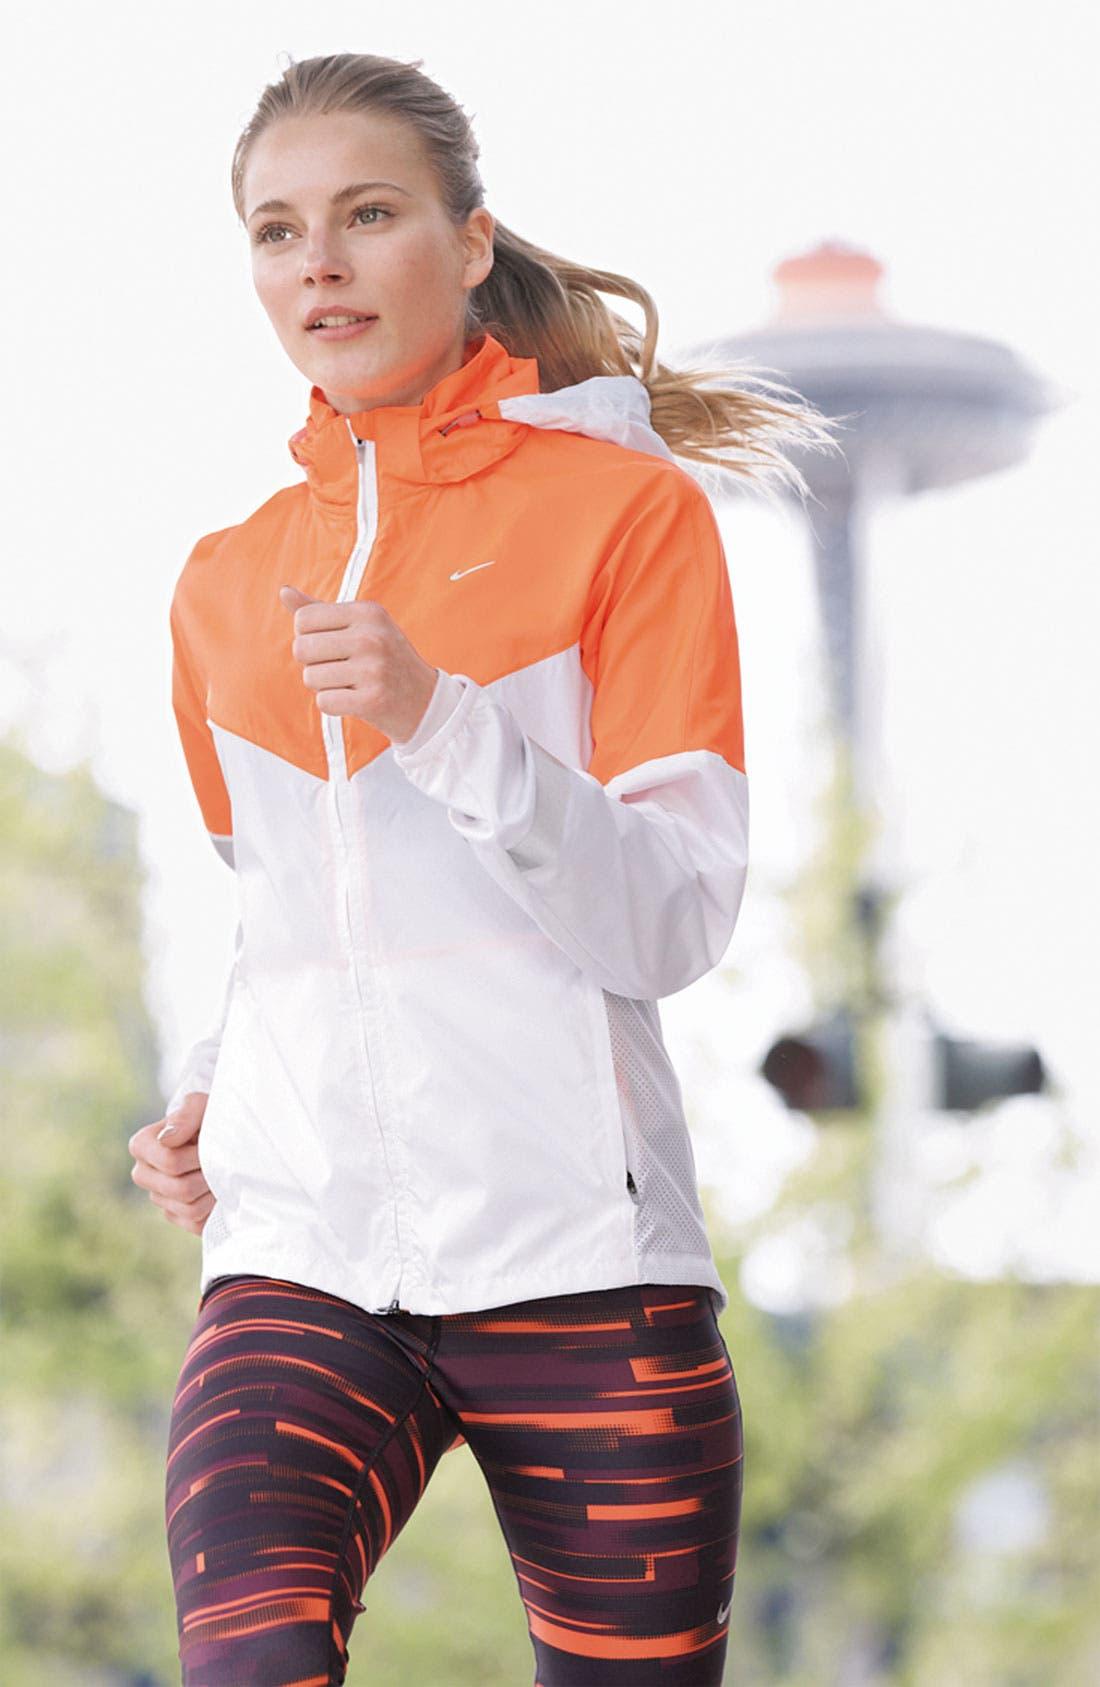 Main Image - Nike Jacket & Capris